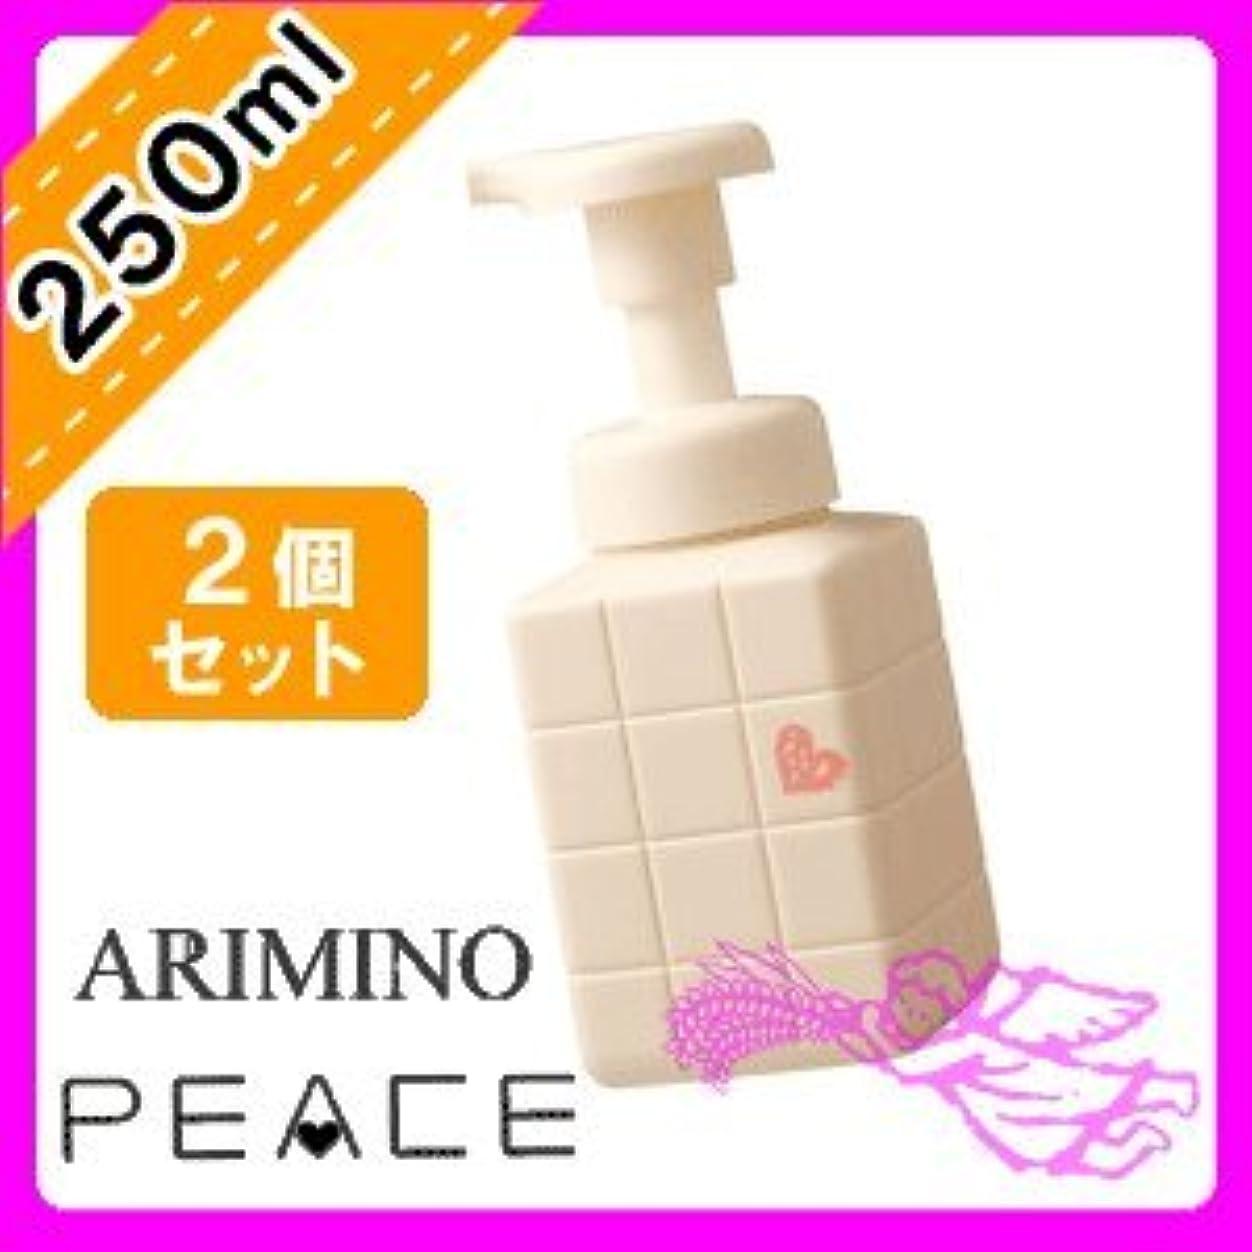 根絶するネブ逆にアリミノ ピース ホイップワックス PEACE ナチュラルウェーブ ホイップ250mL ×2個 セット arimino PEACE